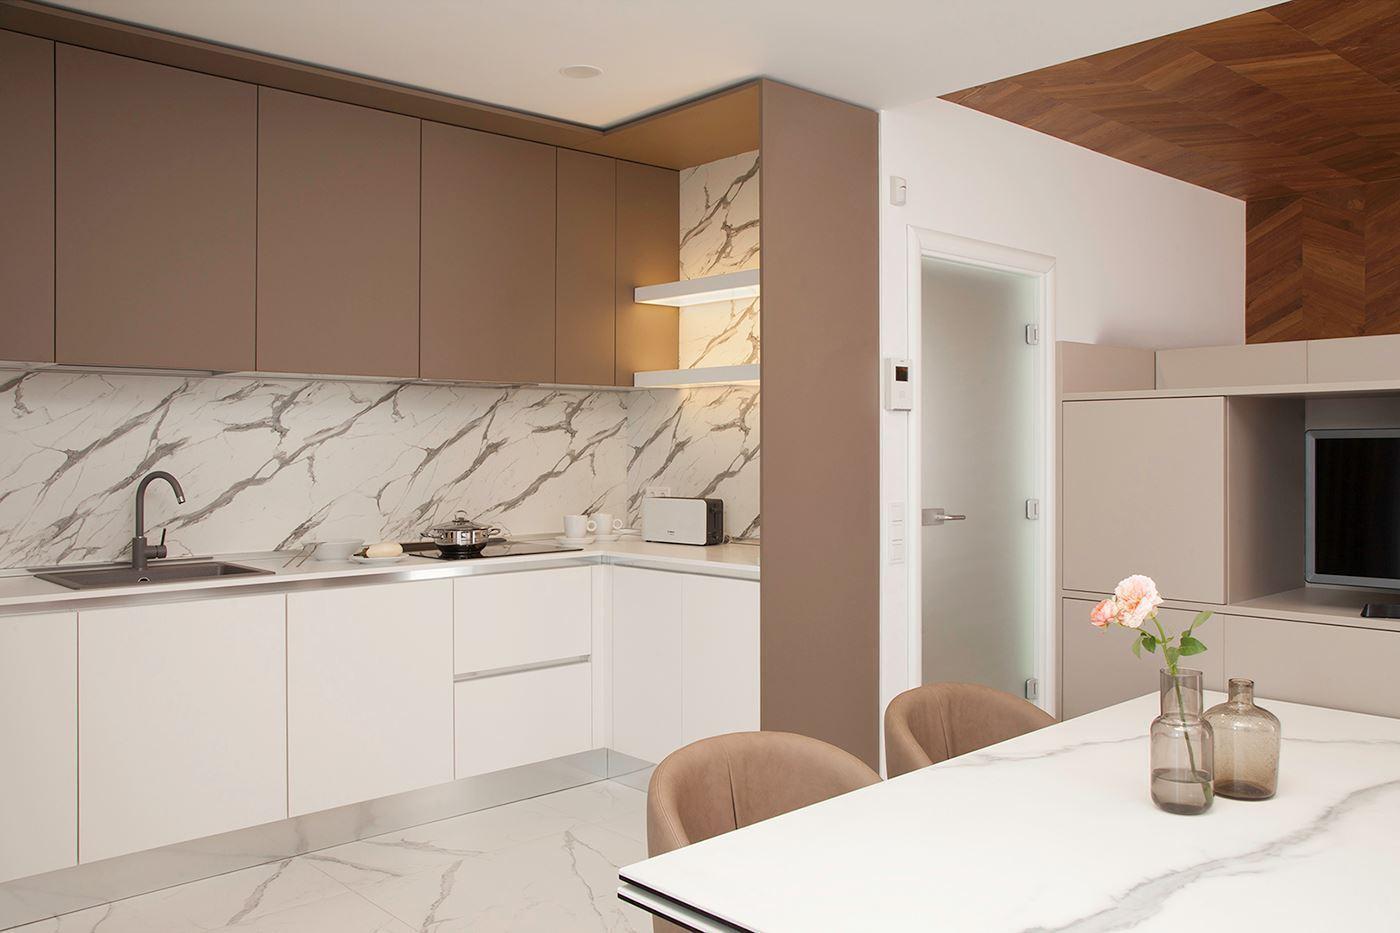 3-bedroom Apartment for Rent, Doctor's Garden